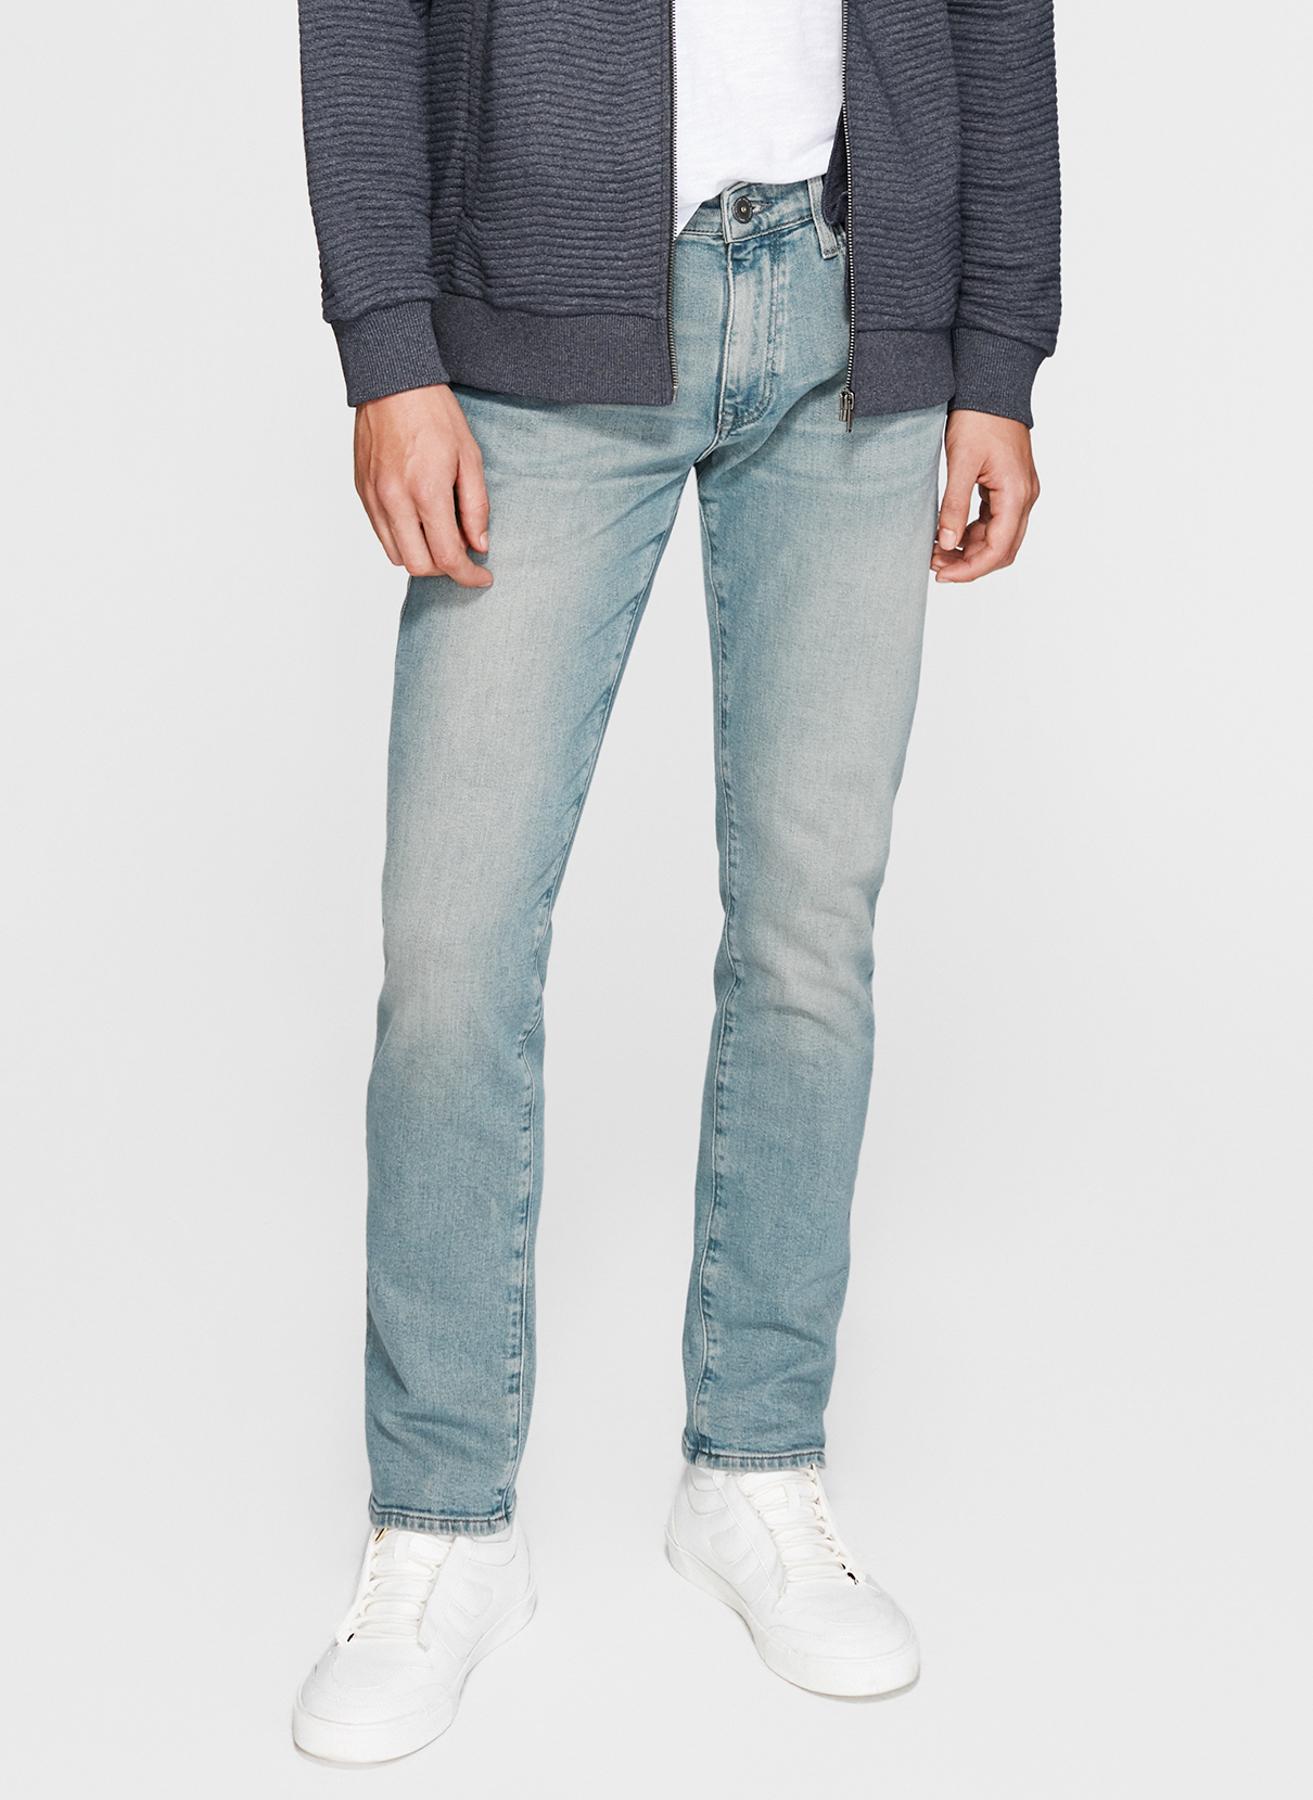 Mavi Renksiz Klasik Pantolon 29-32 5001822919008 Ürün Resmi